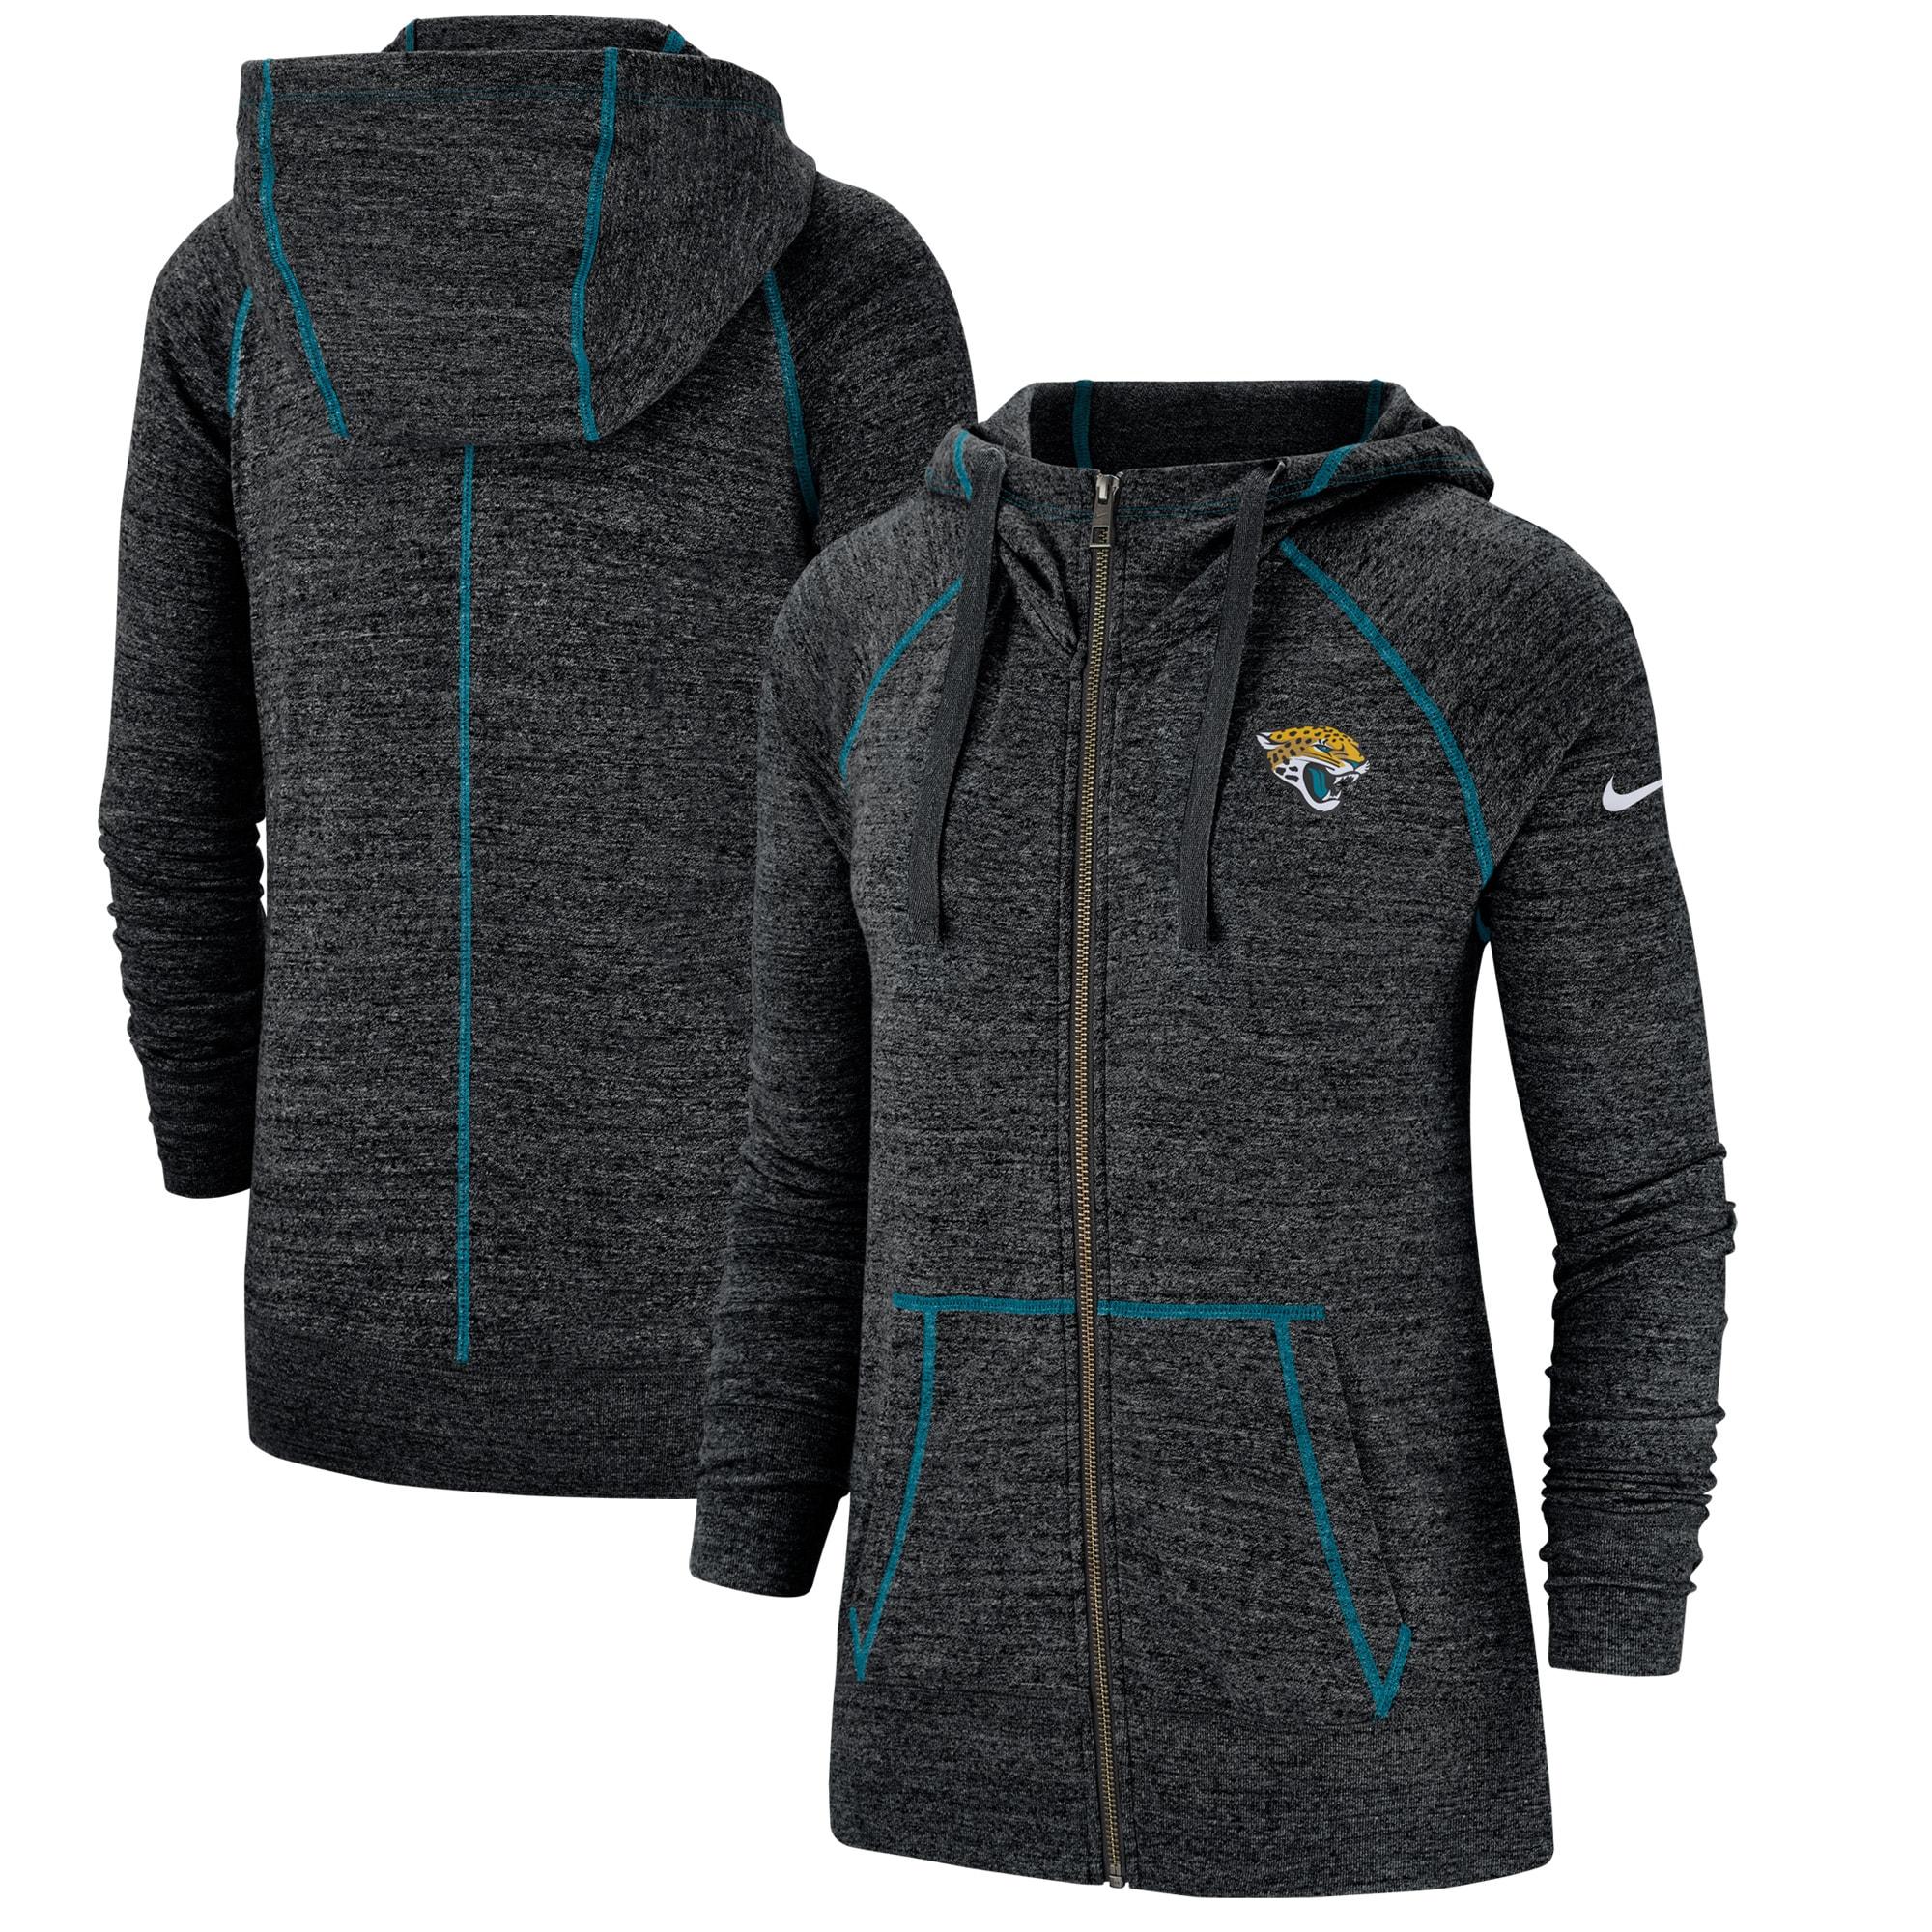 Jacksonville Jaguars Nike Women's Gym Vintage Raglan Full-Zip Hoodie - Heathered Black